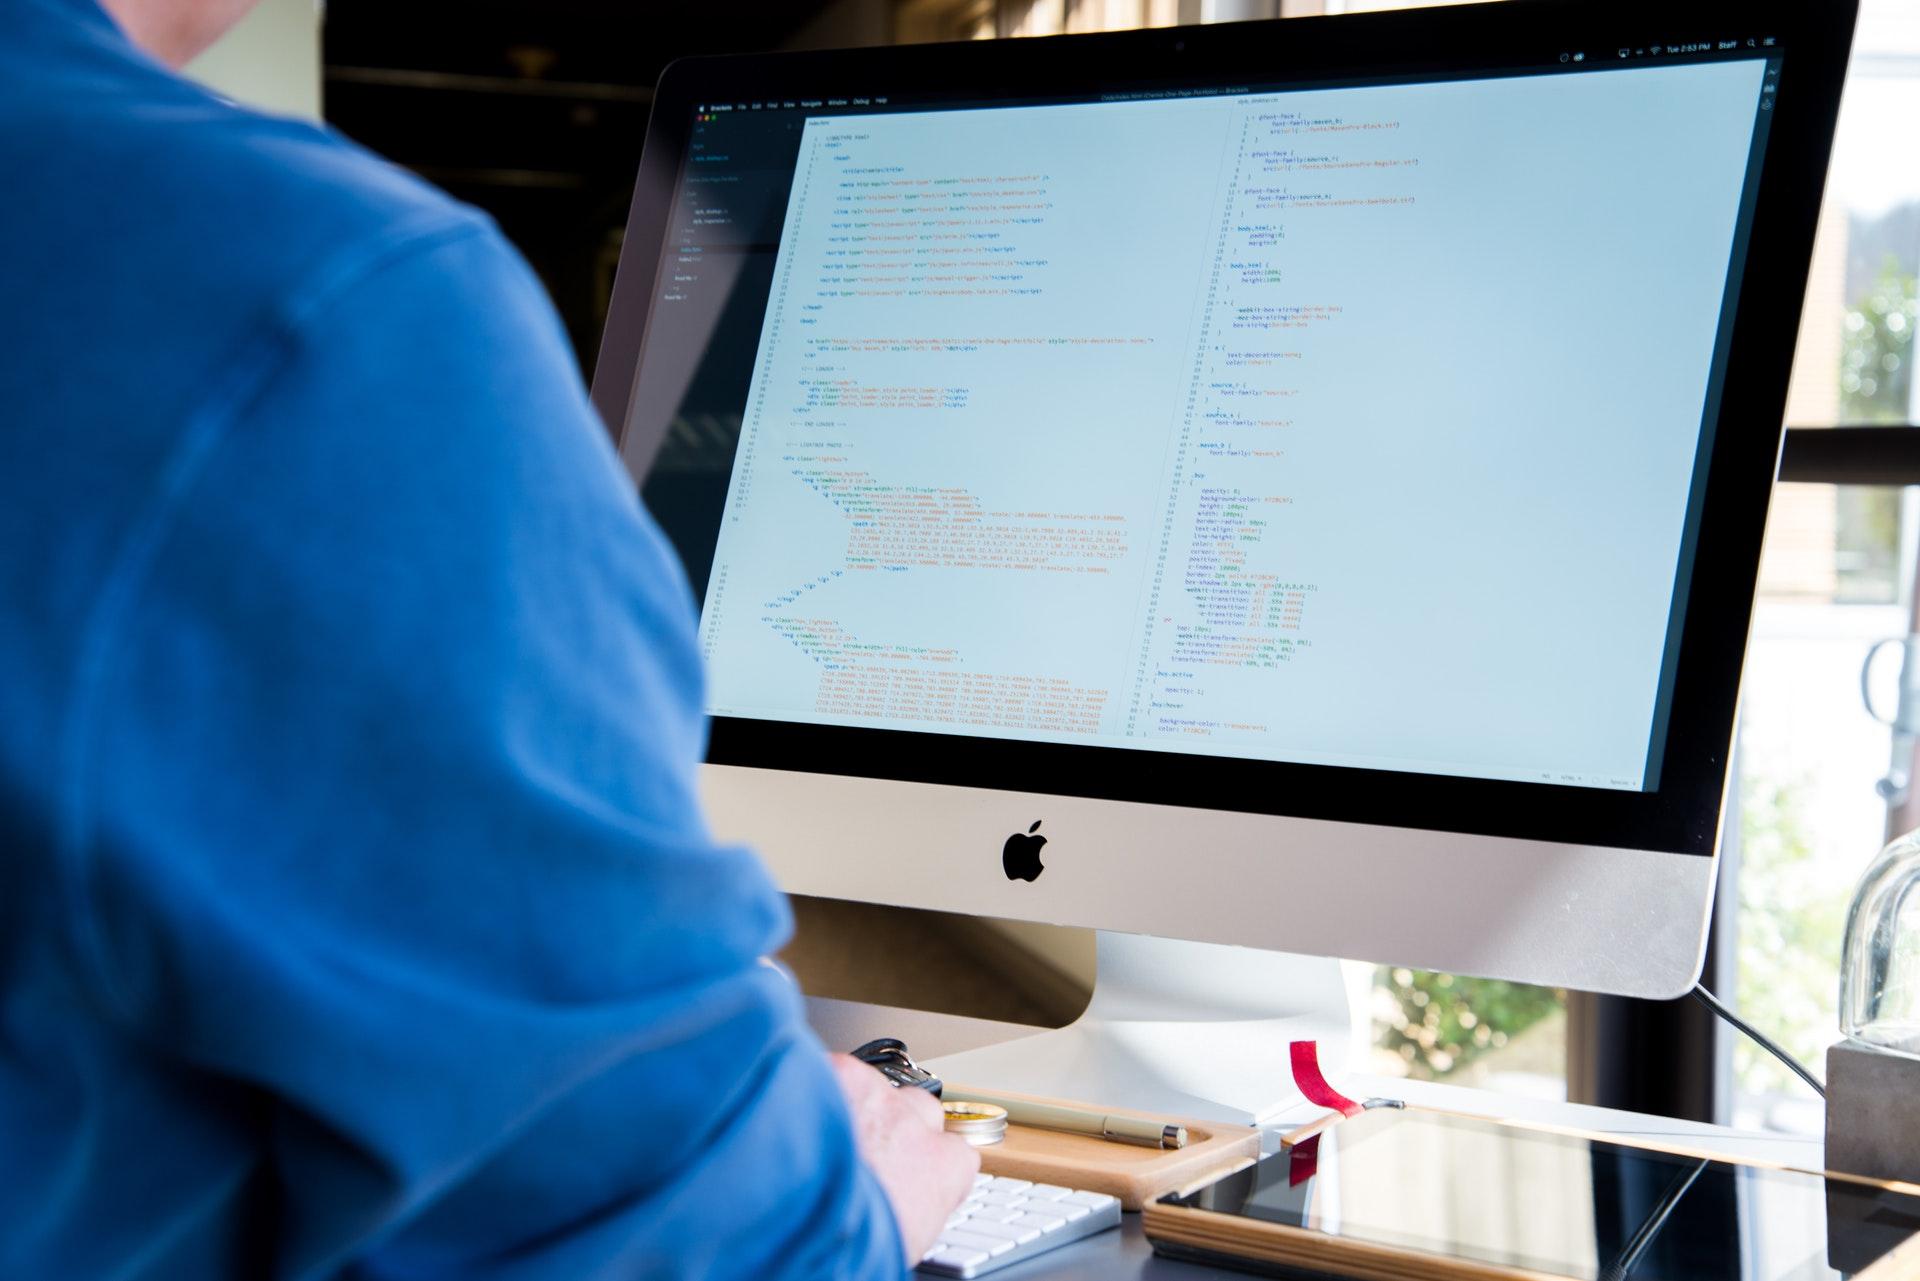 people-apple-desk-technology-89724.jpg